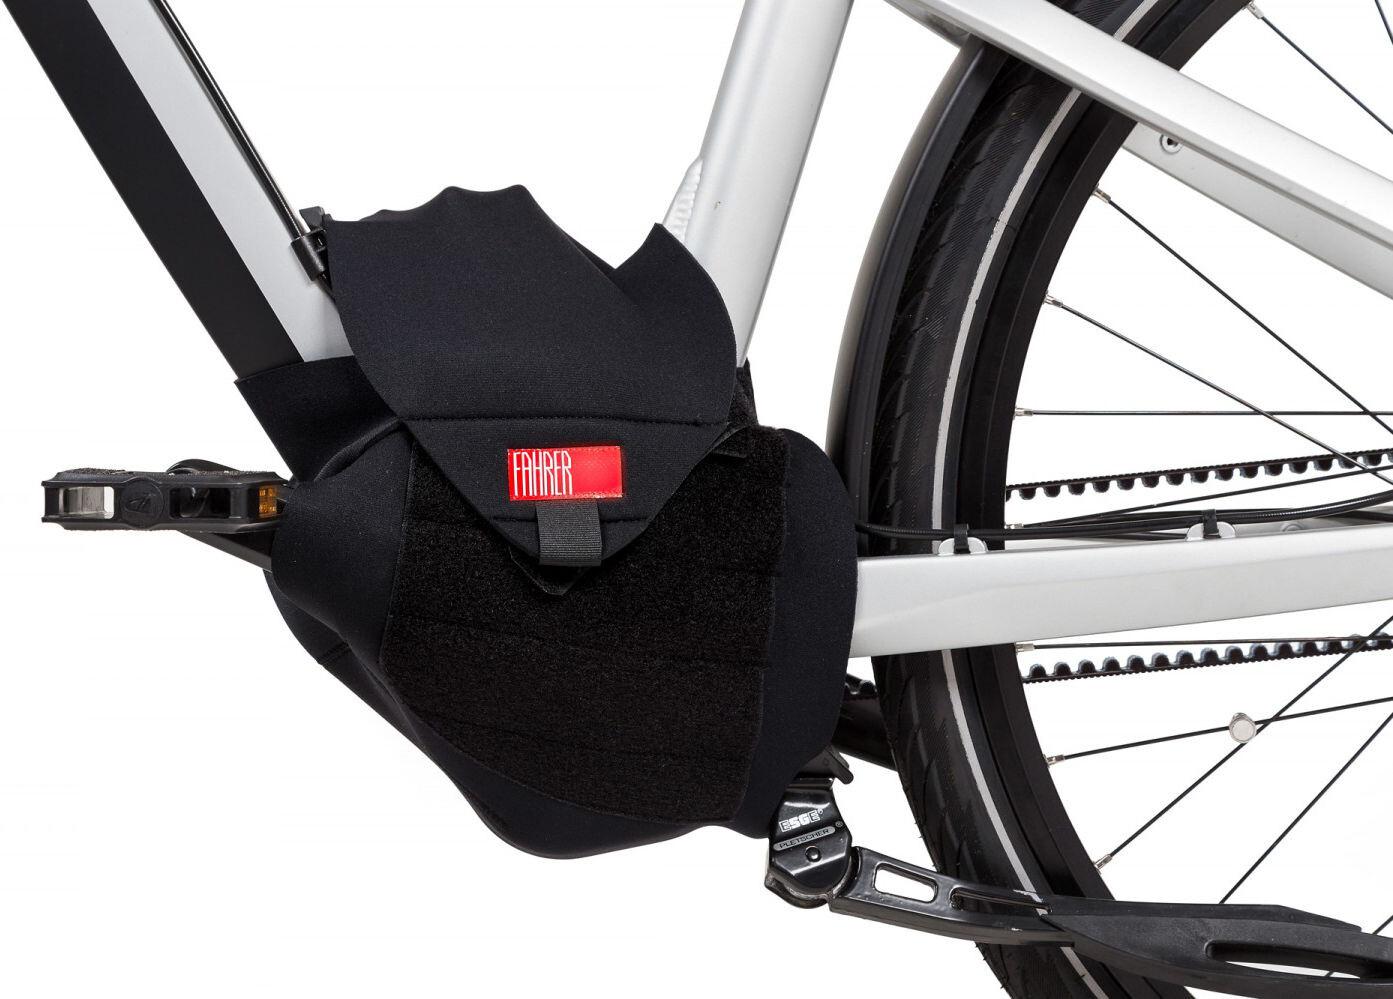 Fahrer Berlin E-Bike Beskyttelse Universal | City-cykler